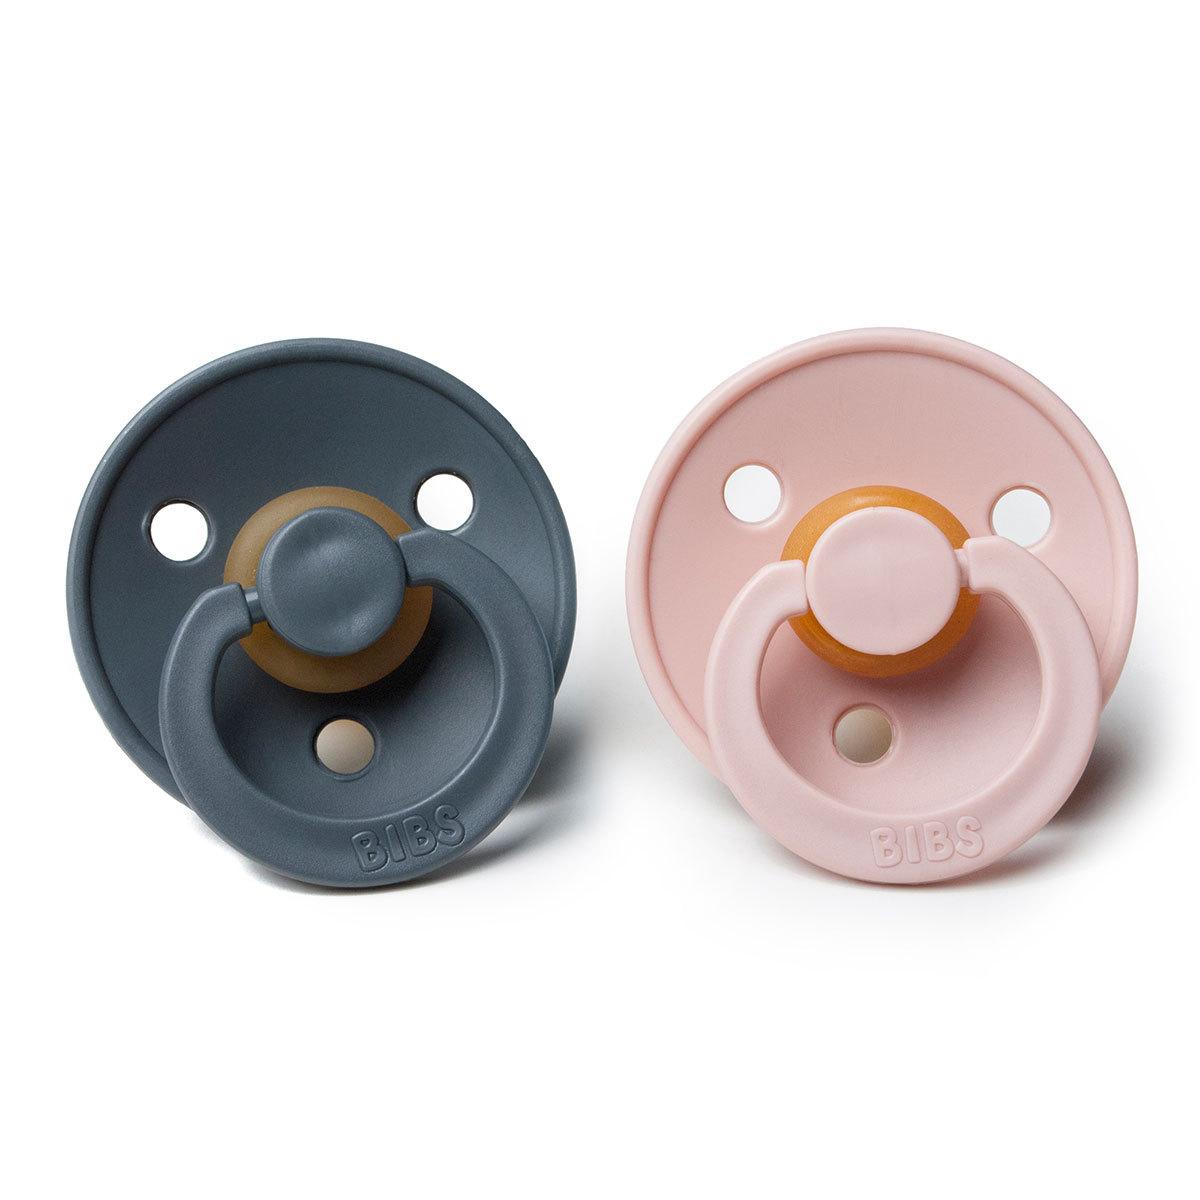 Sucette Pack de 2 Tétines 0/6 Mois - Blush / Iron Pack de 2 Tétines 0/6 Mois - Blush / Iron